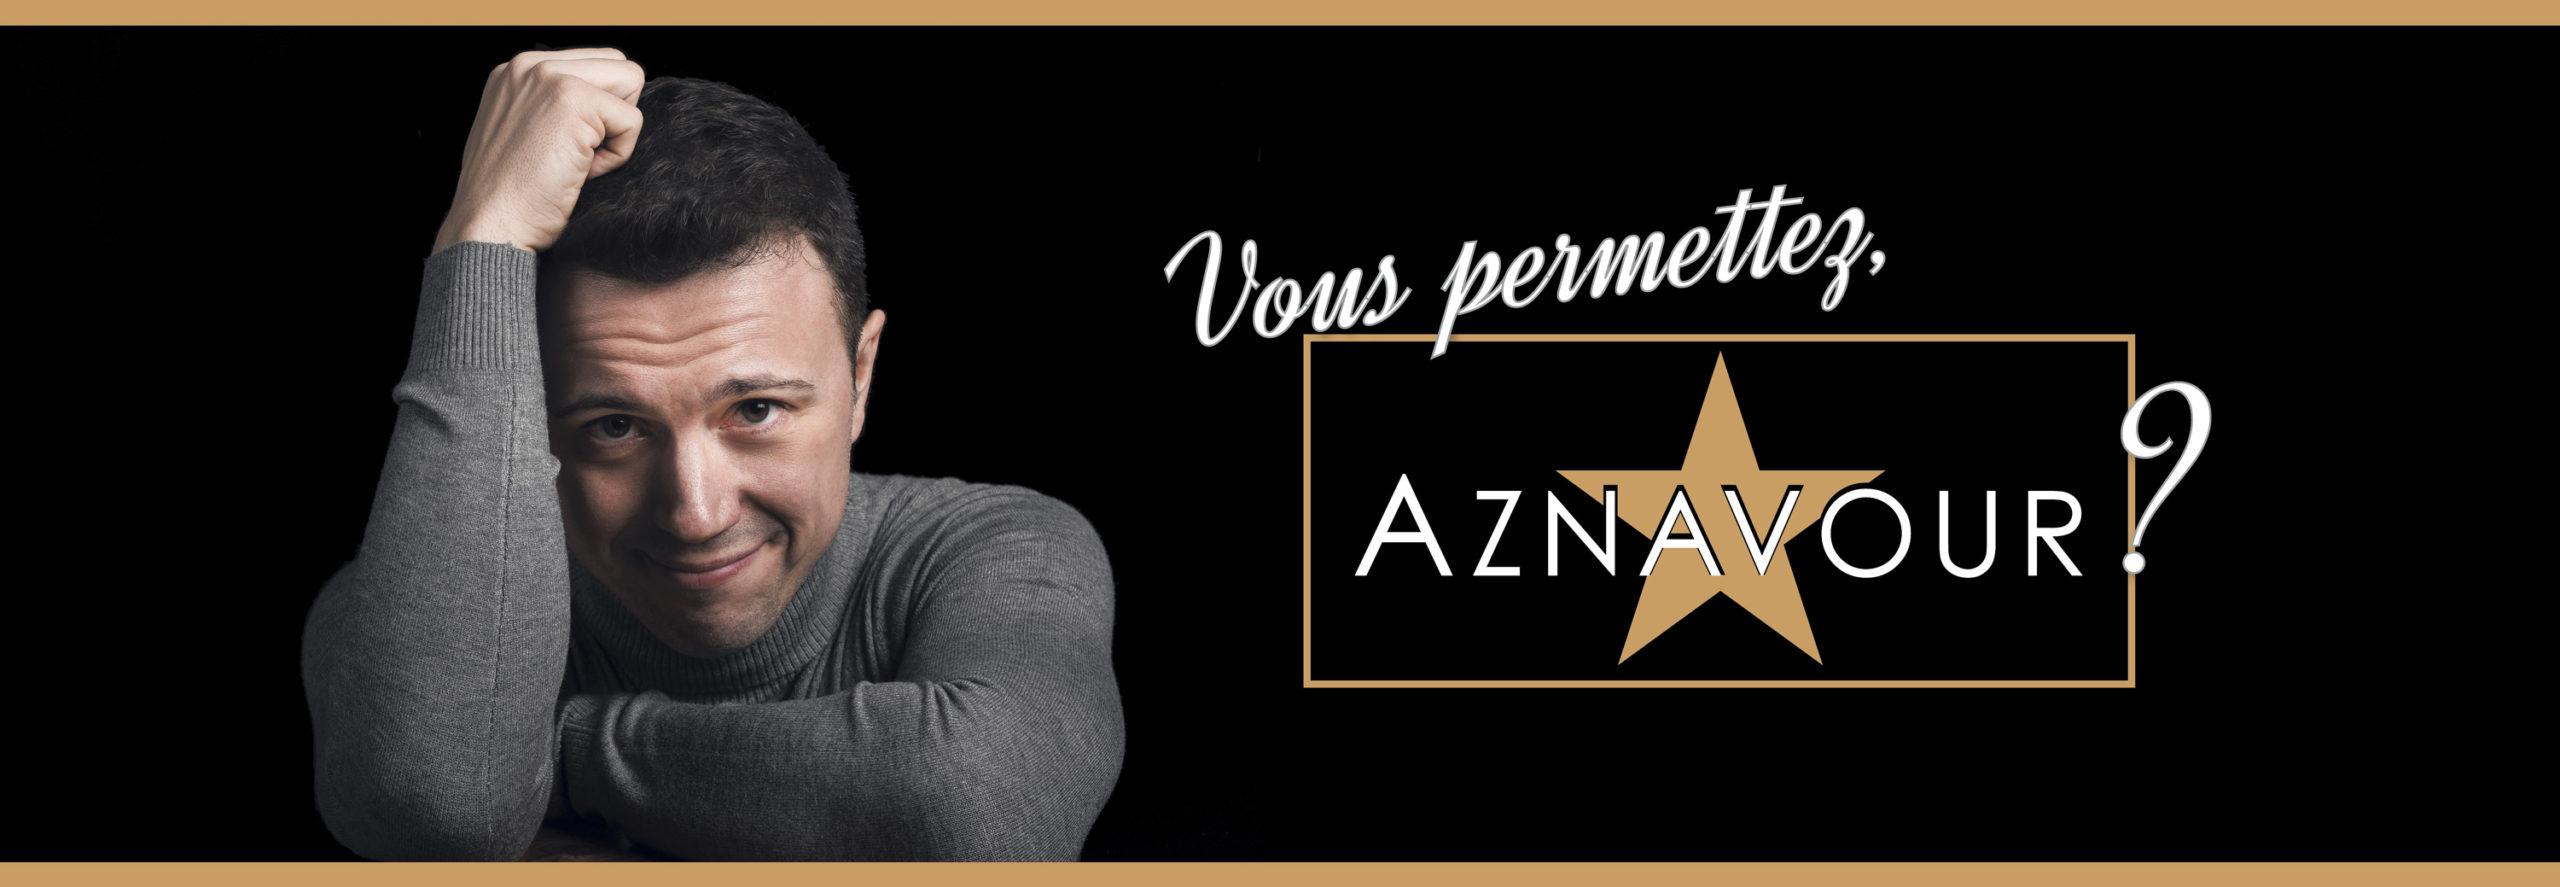 """Michelangelo Nari - """"Vous permettez, Aznavour?"""" - Home page - Page d'accueil"""